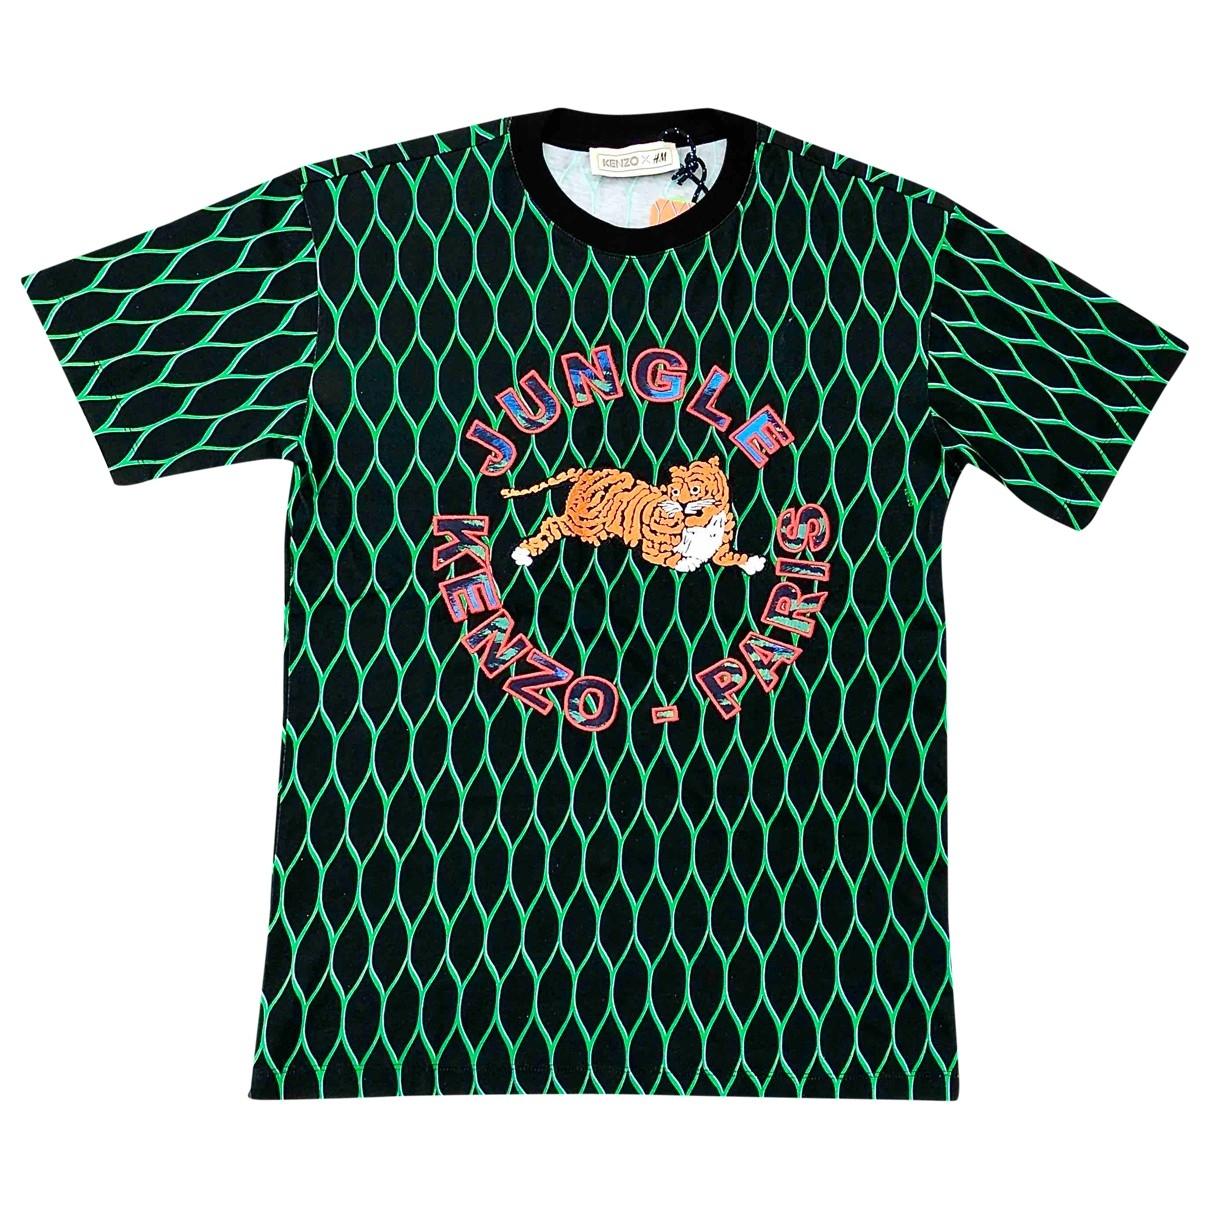 Kenzo X H&m - Tee shirts   pour homme en coton - vert